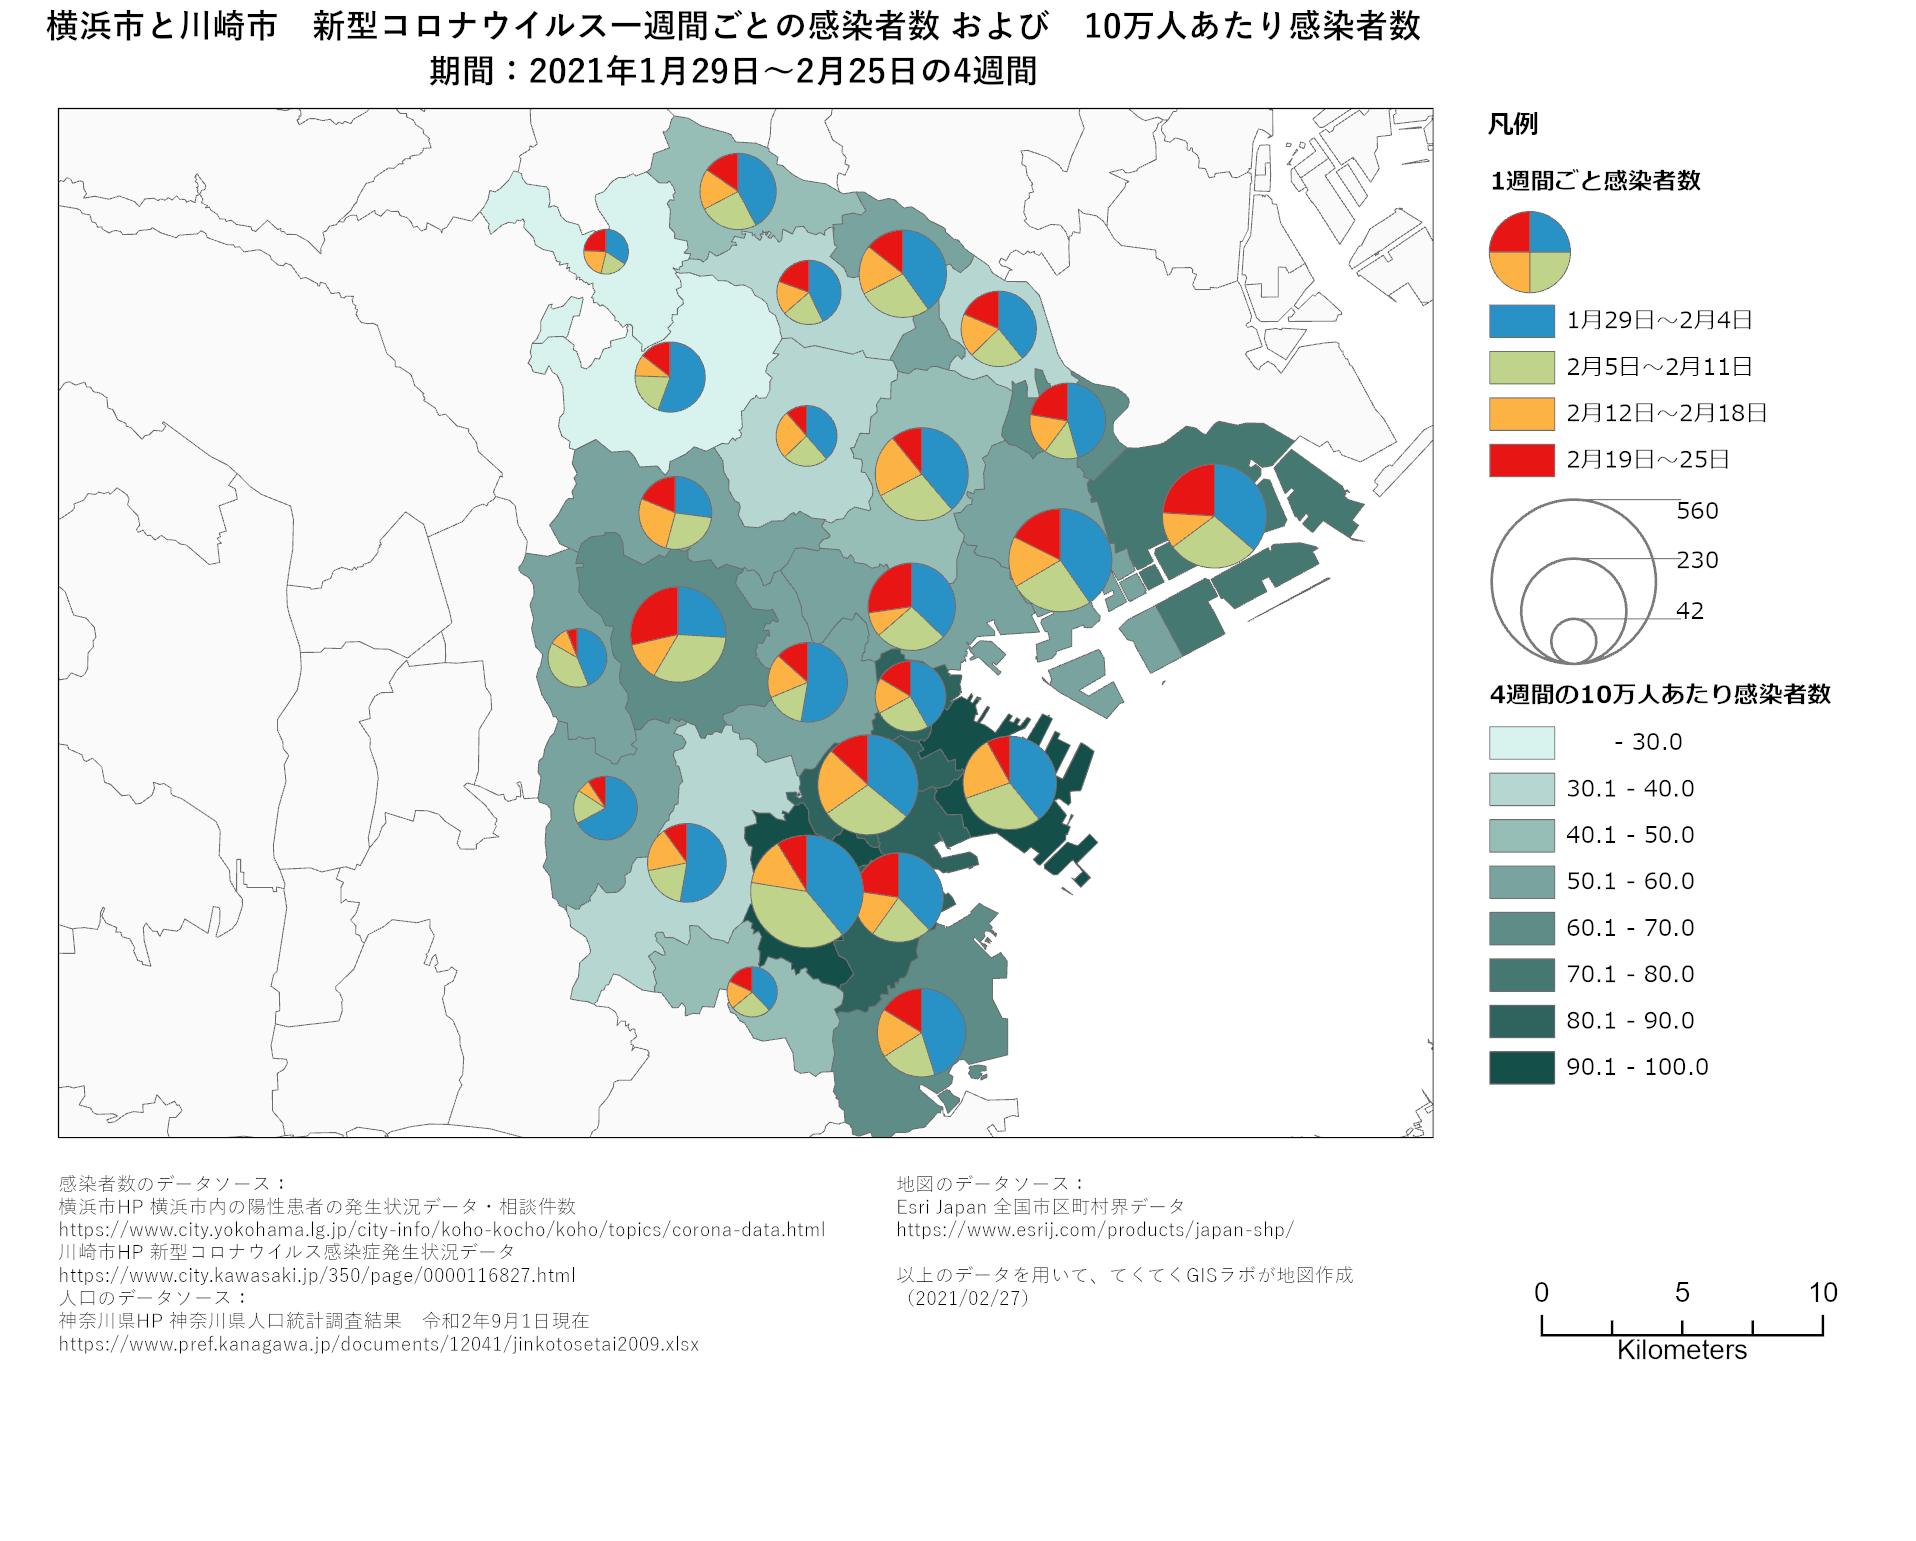 1週間ごと感染者数、神奈川県、1月29日〜2月25日